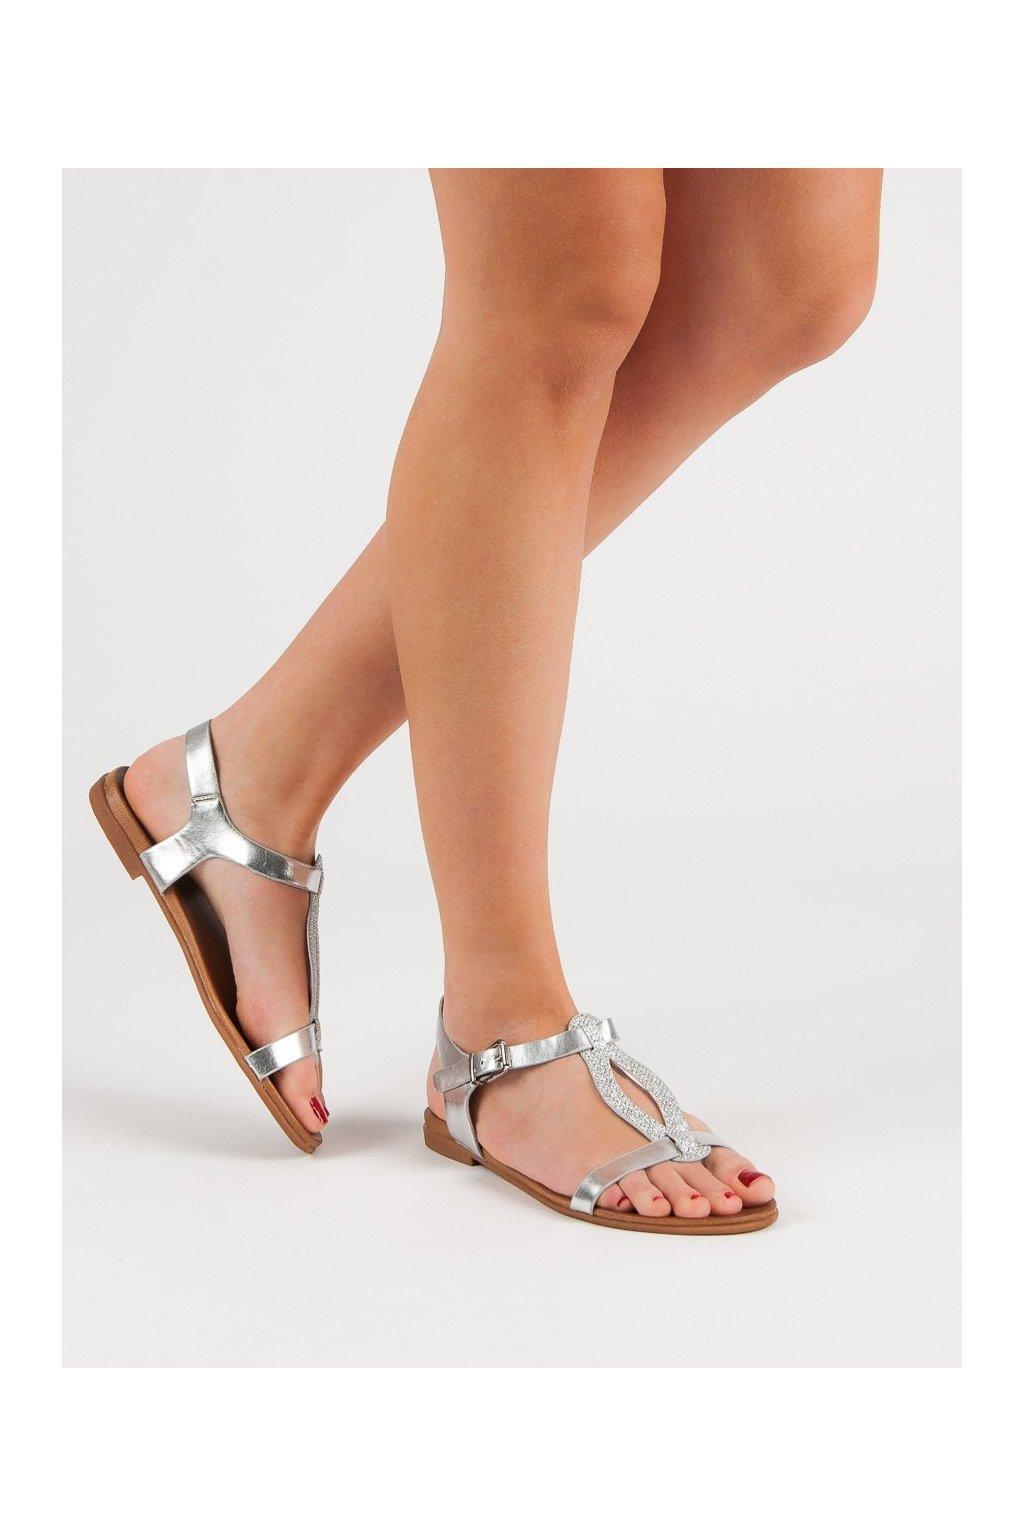 Sivé sandále Filippo kod DS801/19S